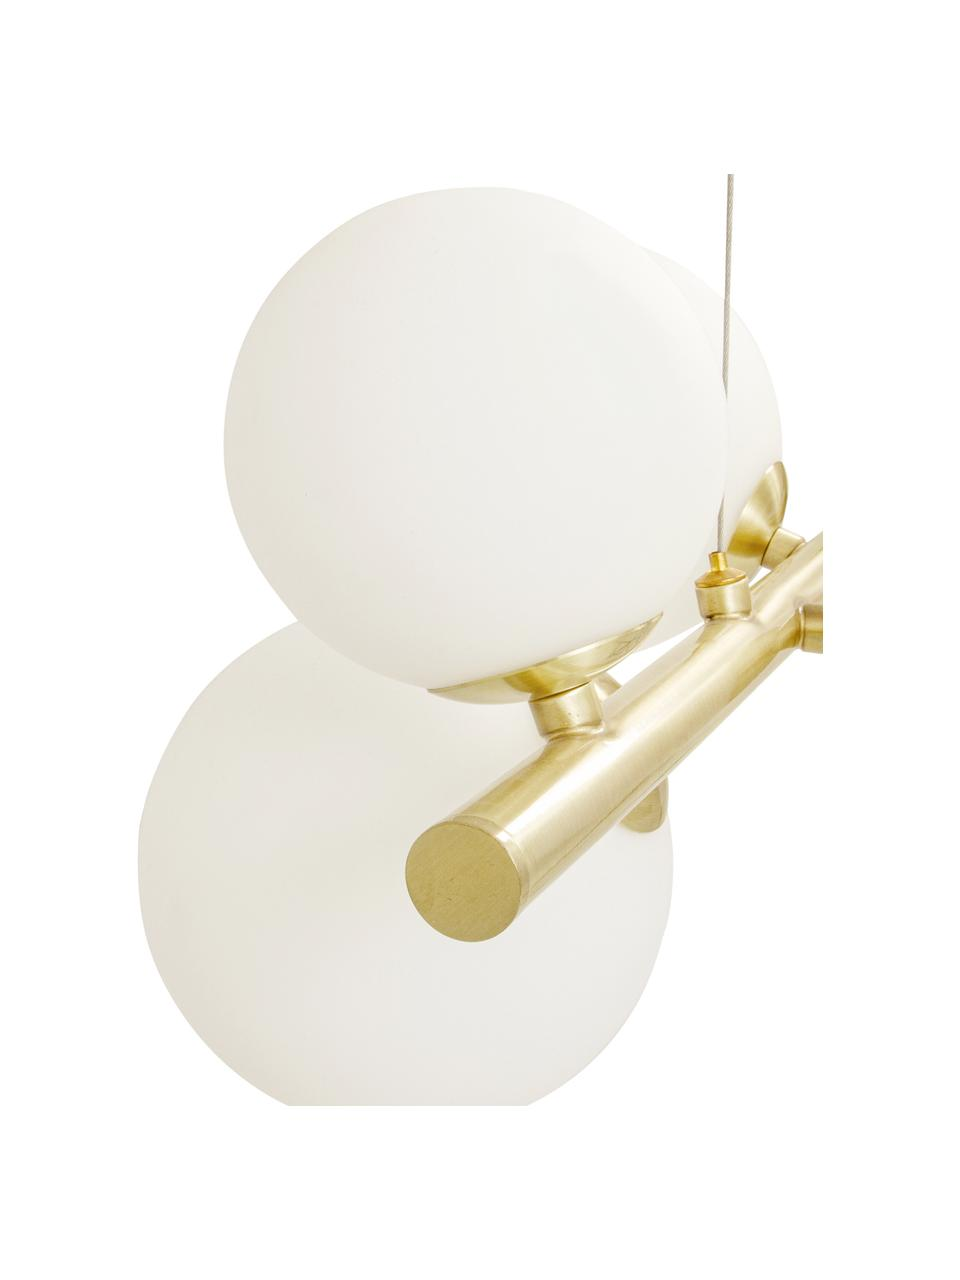 Lámpara de techo grande de vidrio opalino Molekyl, Estructura: metal recubierto, Anclaje: metal recubierto, Cable: plástico, Dorado, blanco, An 58 x Al 26 cm